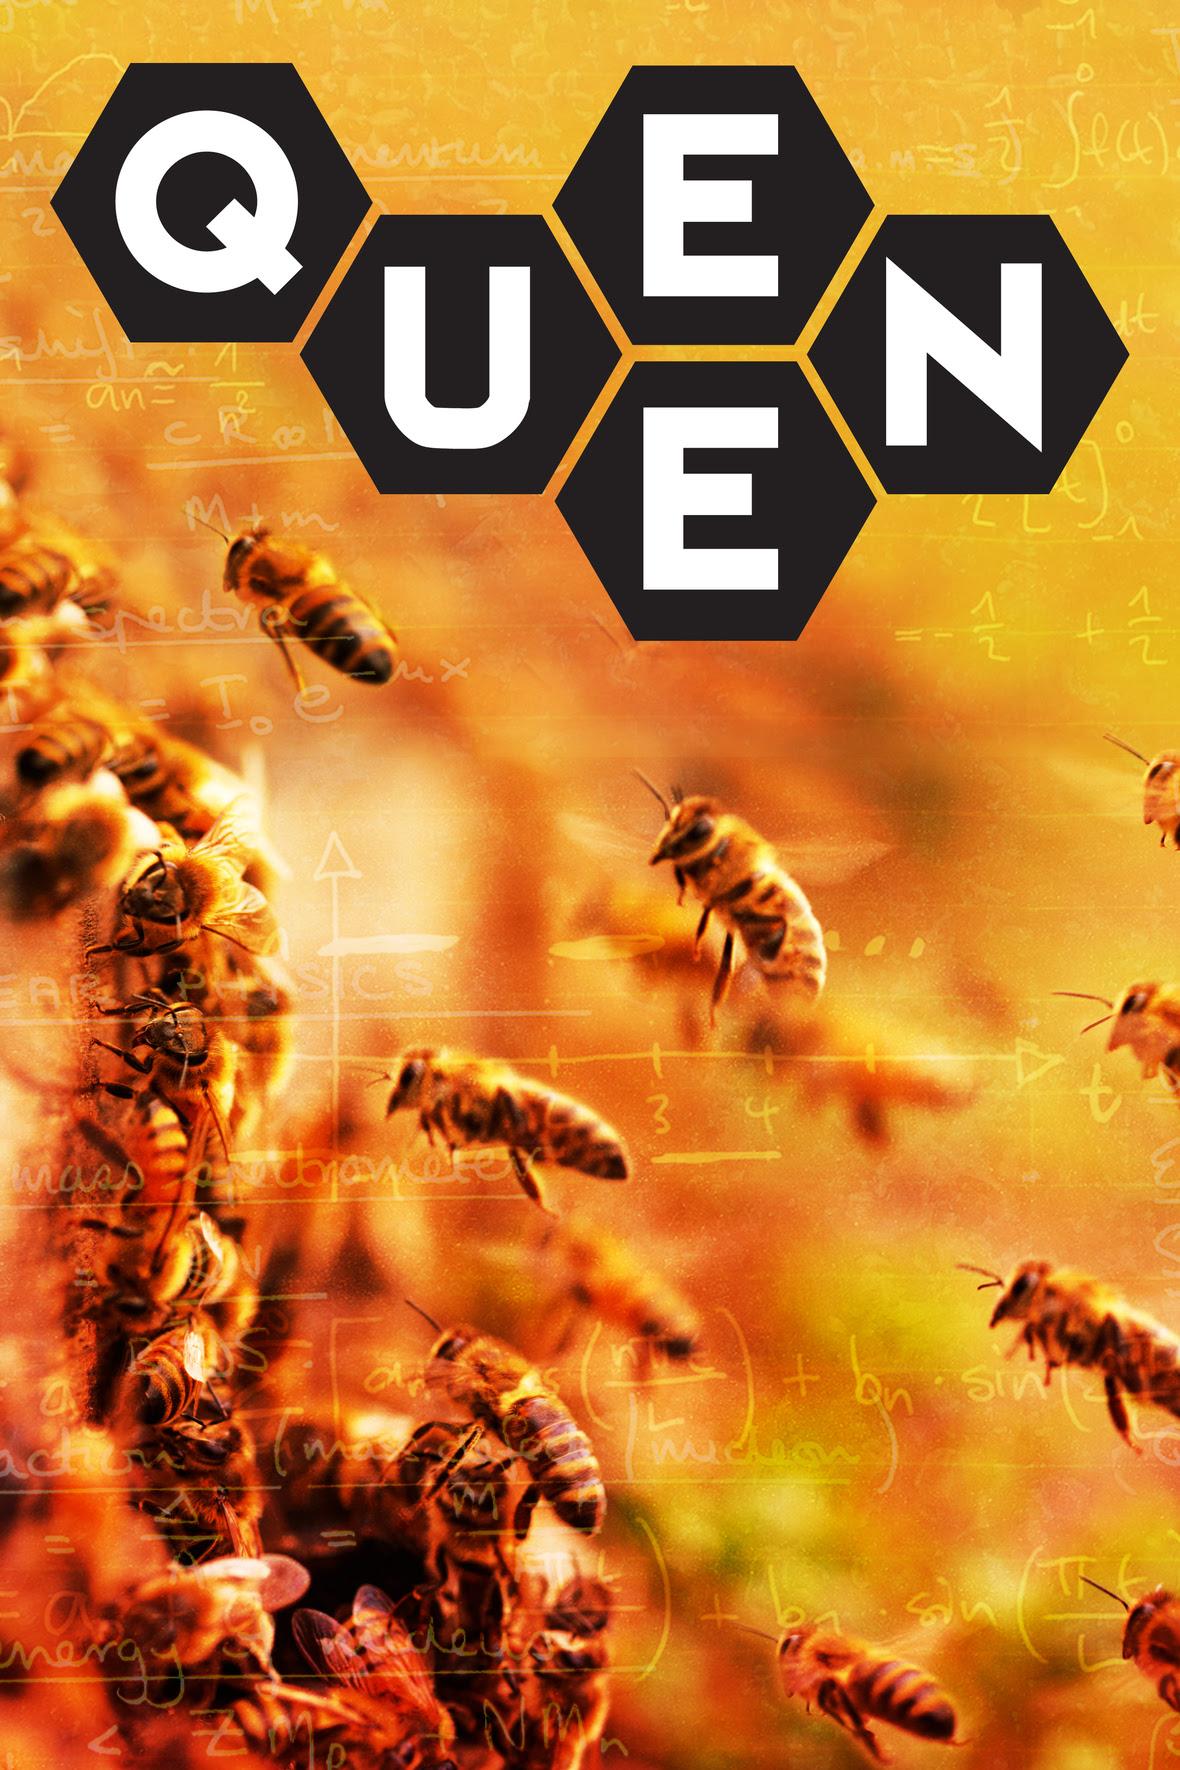 Queen-FINAL-crop-1